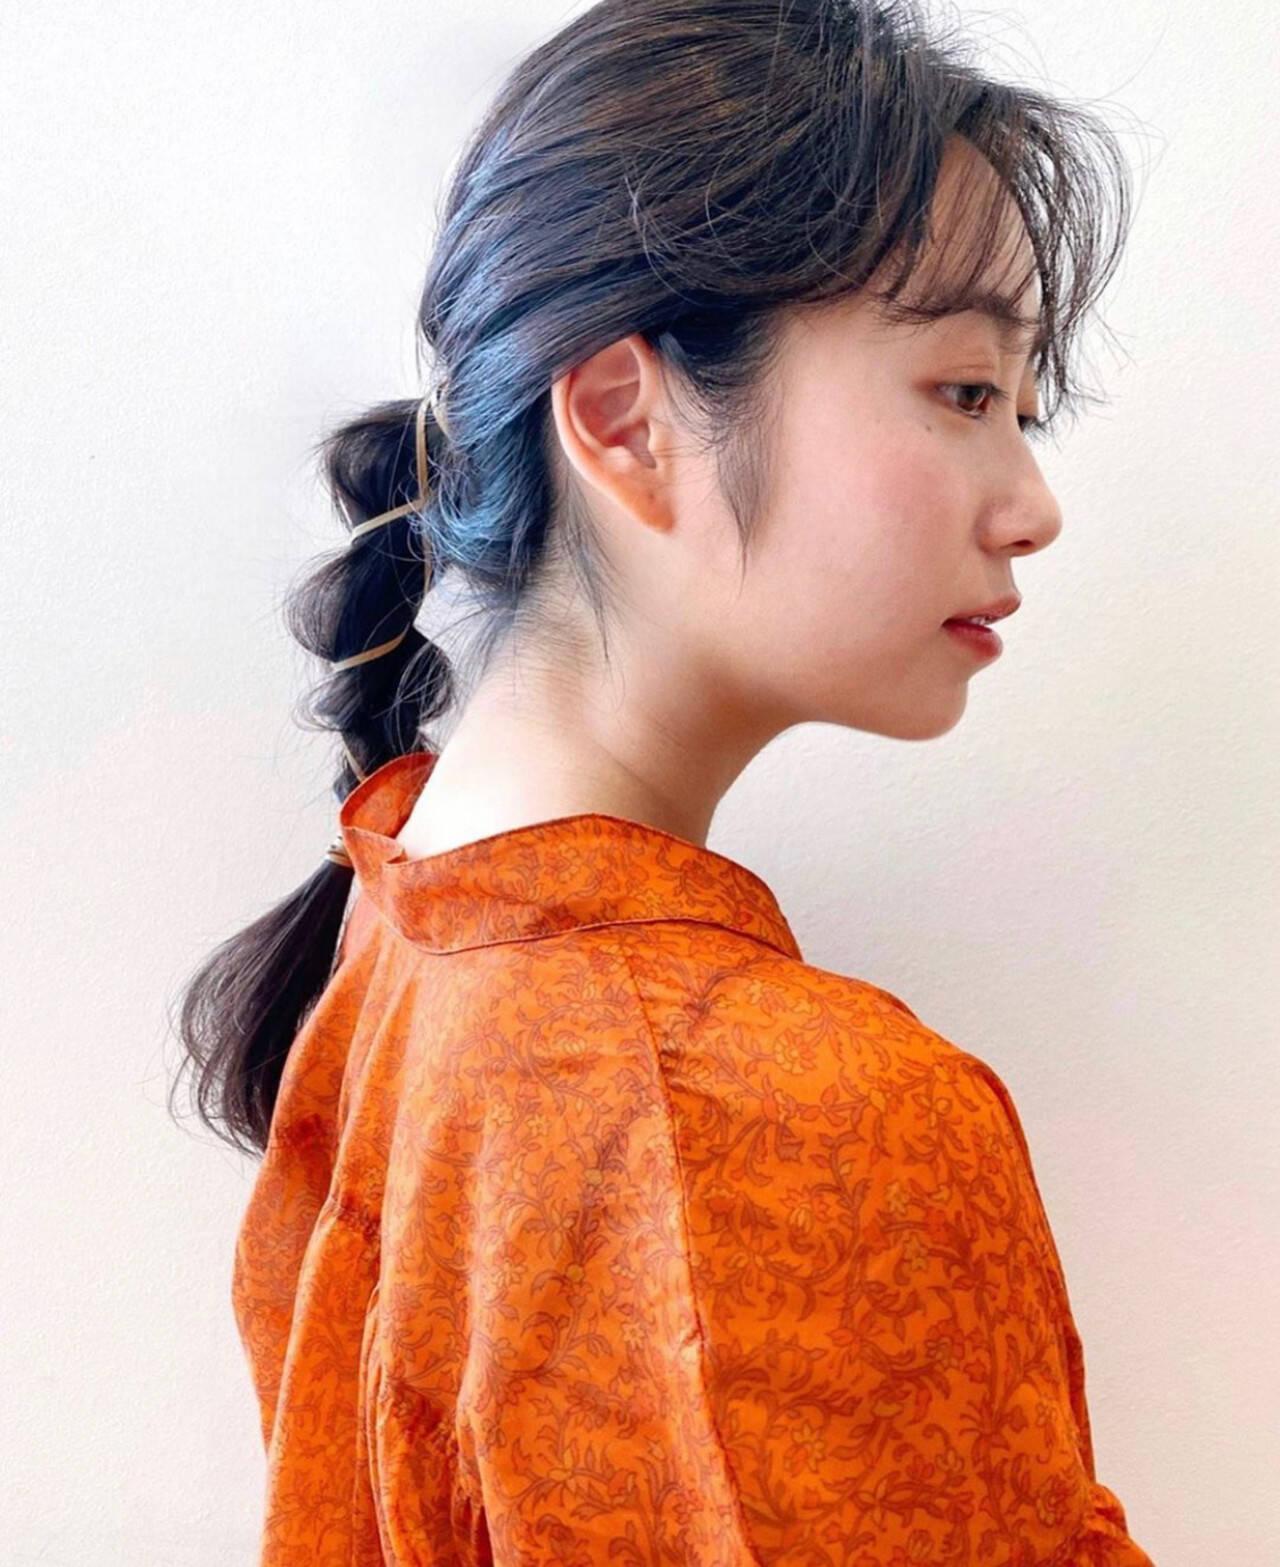 ナチュラル ロング ヘアアレンジ 簡単ヘアアレンジヘアスタイルや髪型の写真・画像